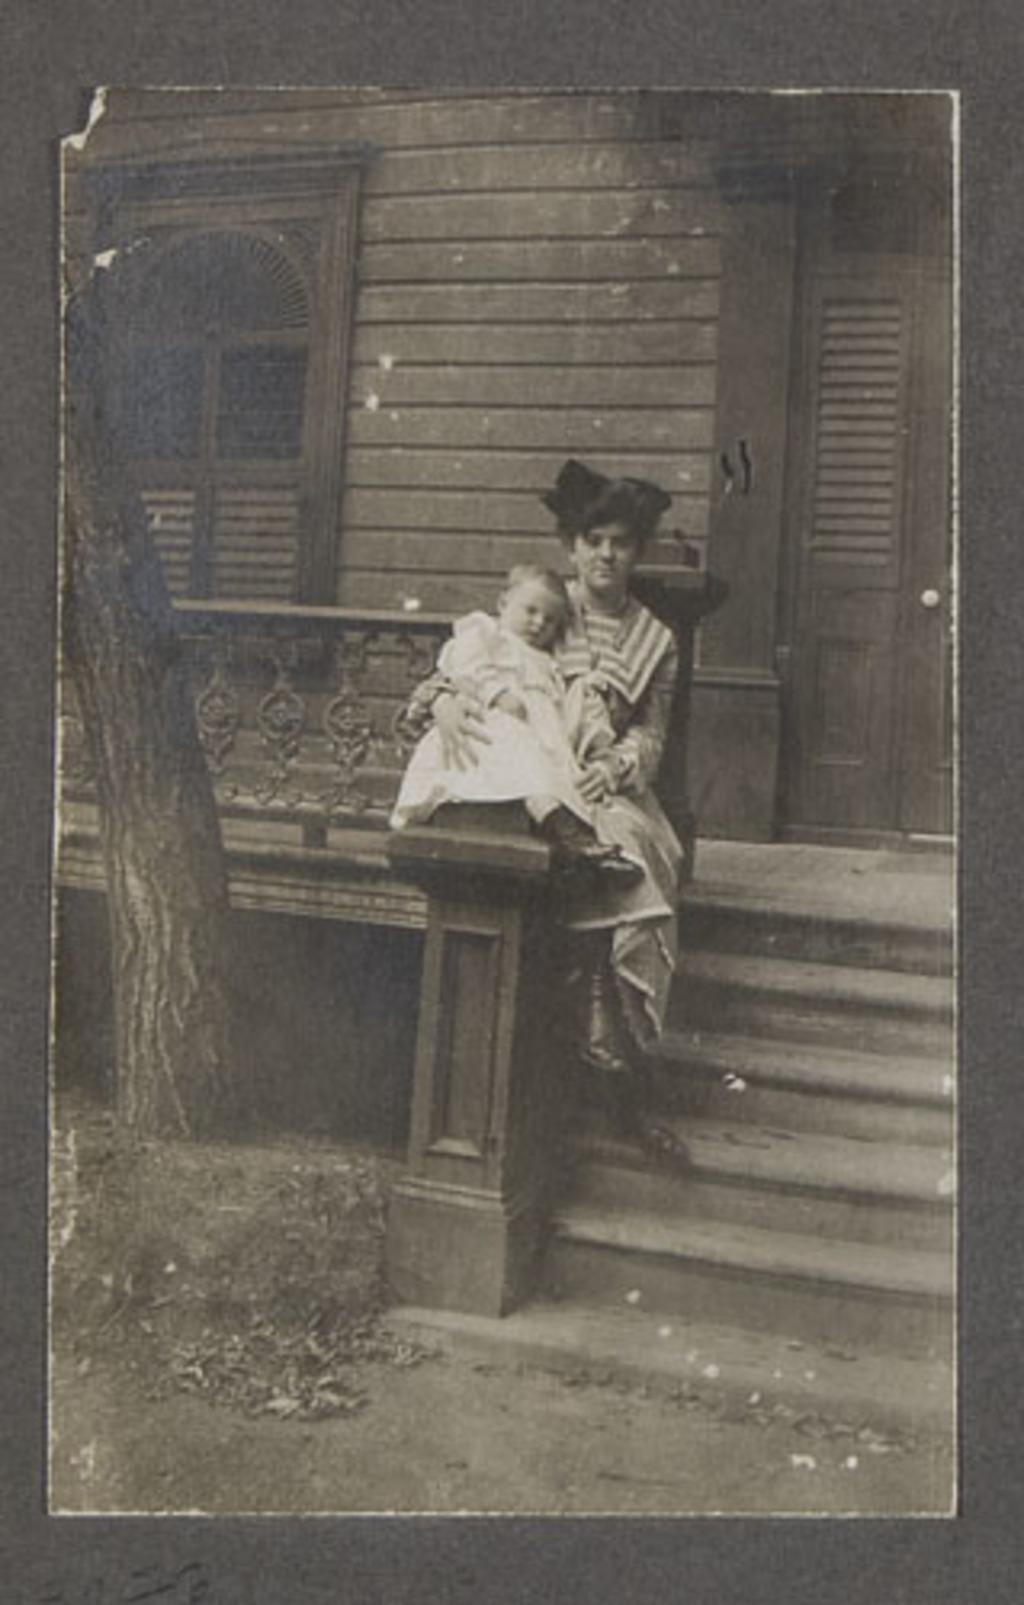 Portrait de femme et son enfant, d'un album de famille amateur